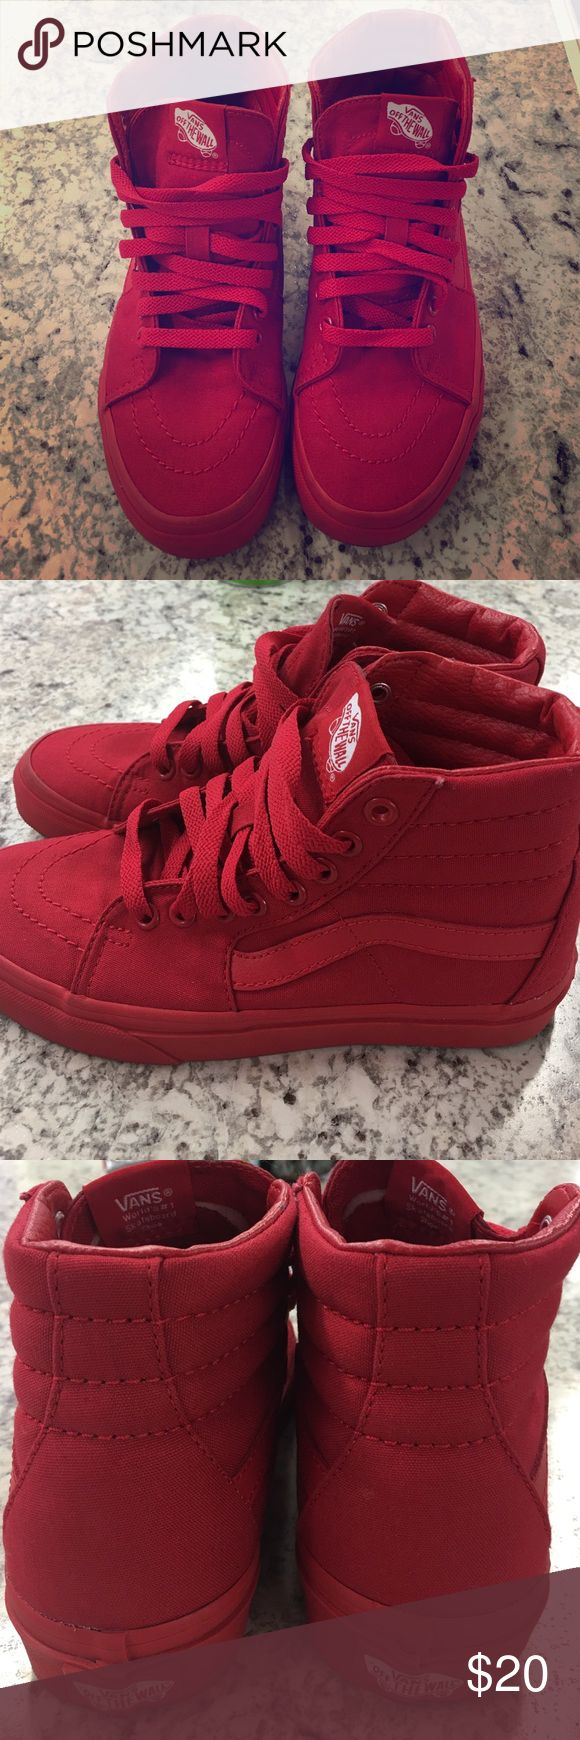 Red Vans Brand new red vans! Vans Shoes